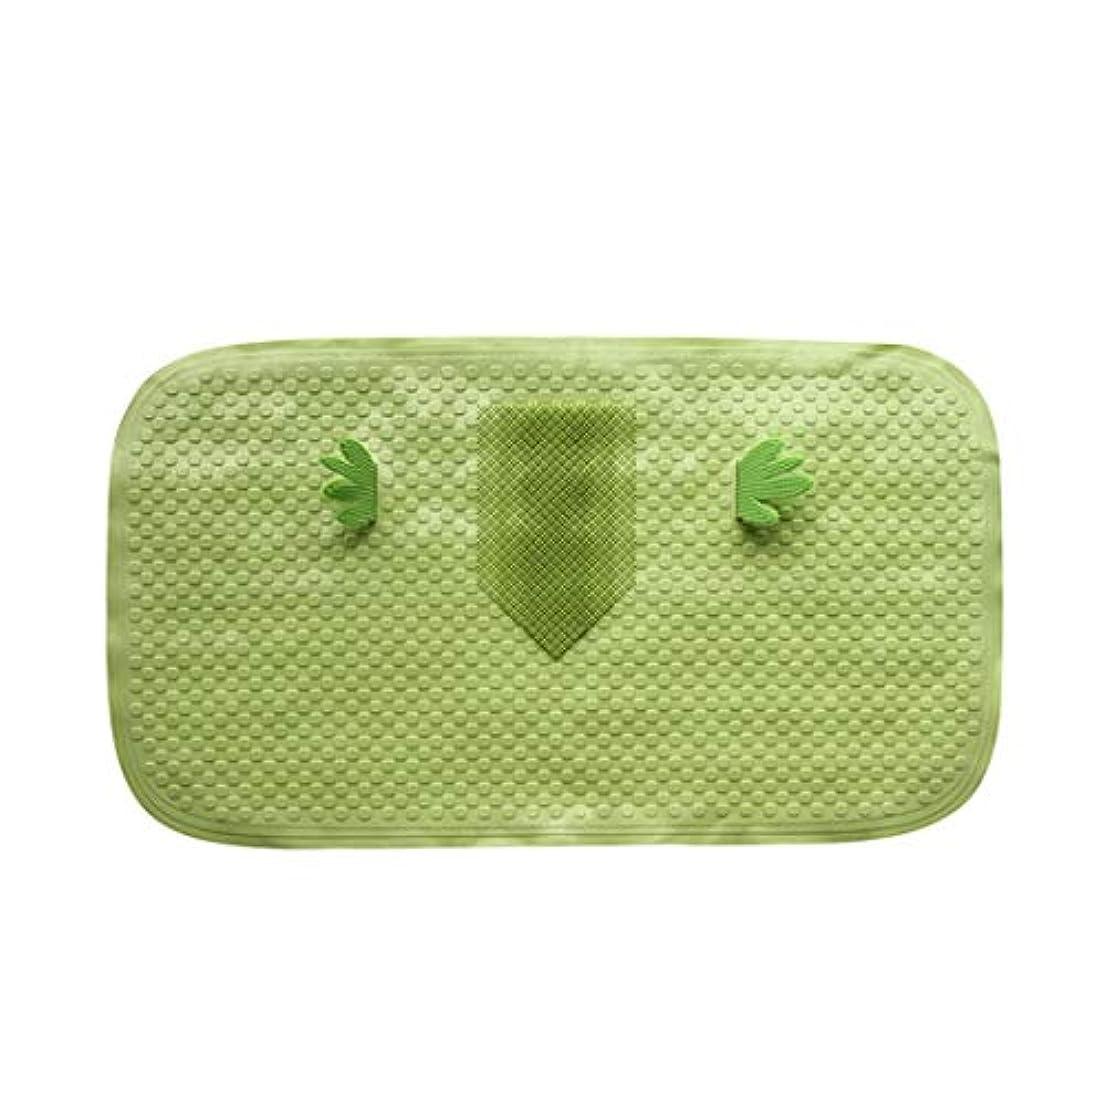 グローブパーク魅惑するSwiftgood バスシャワー浴槽マットスクエア、洗濯機で洗えます、抗菌、バスルームマット付き排水